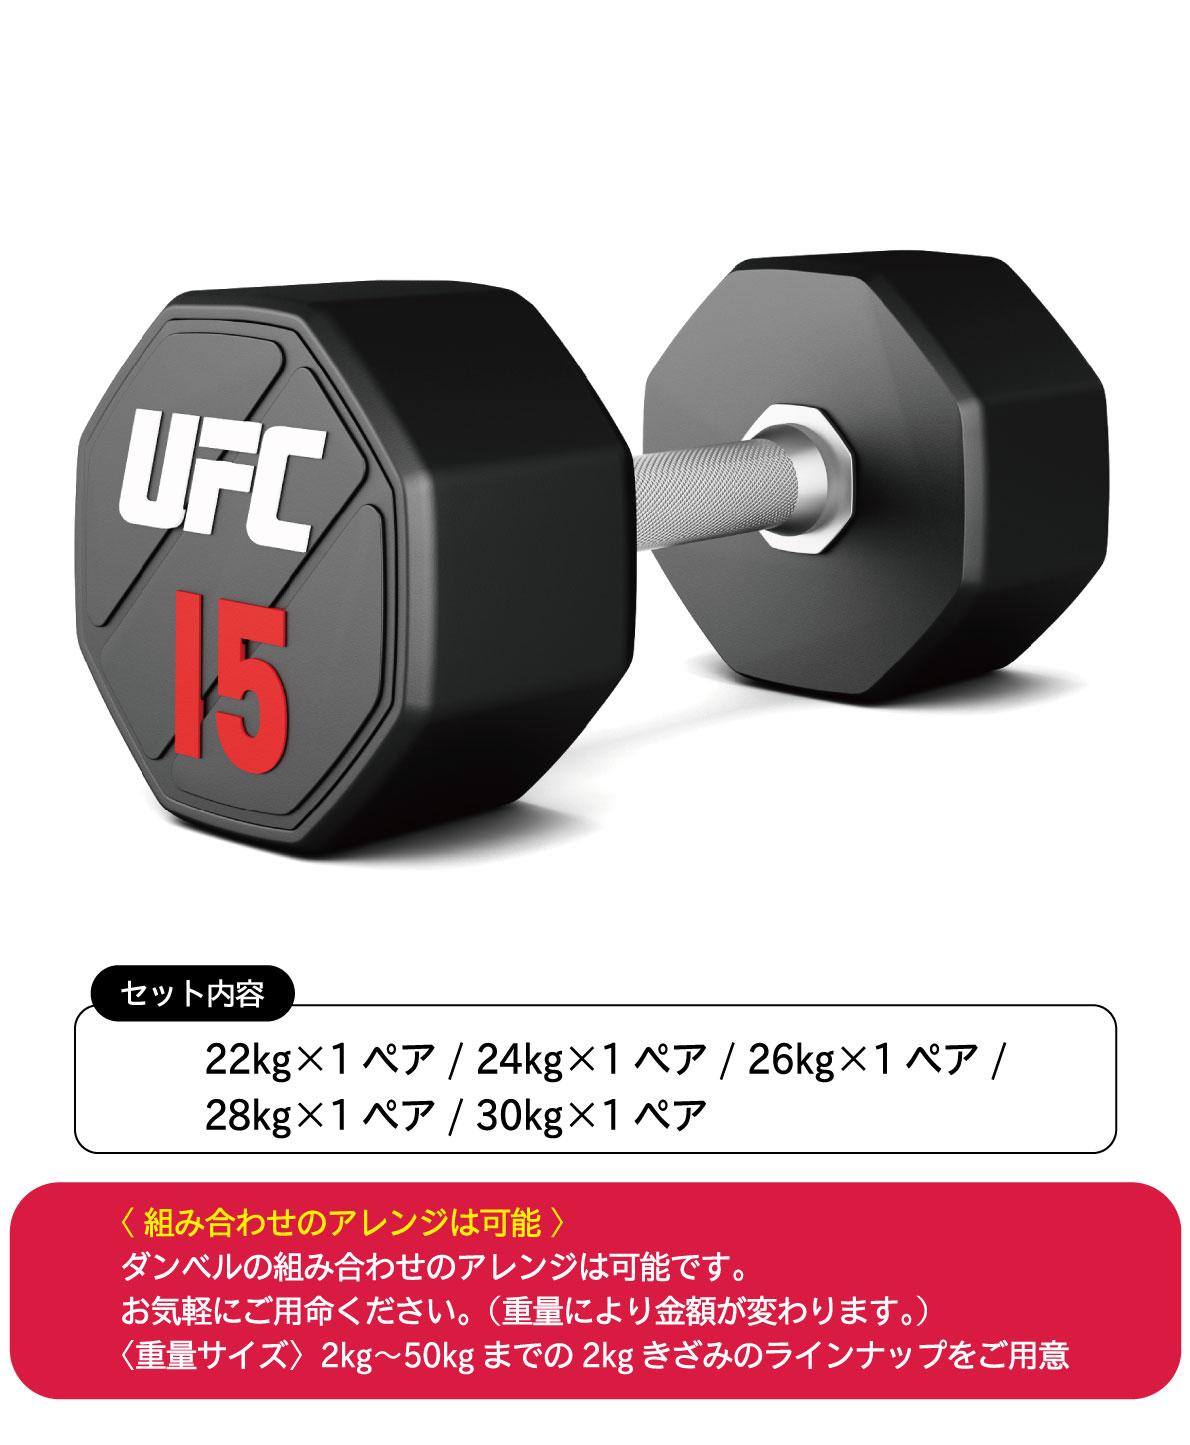 ウレタンダンベル/アレーの5ペアセット(22kg-30kg)〈業務用〉《総合格闘技UFCオフィシャル》